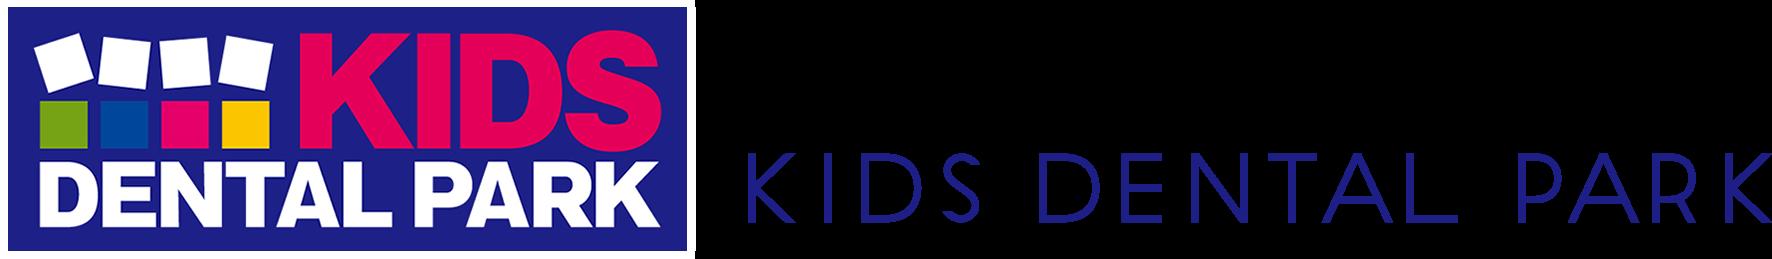 KIDS DENTAL PARK